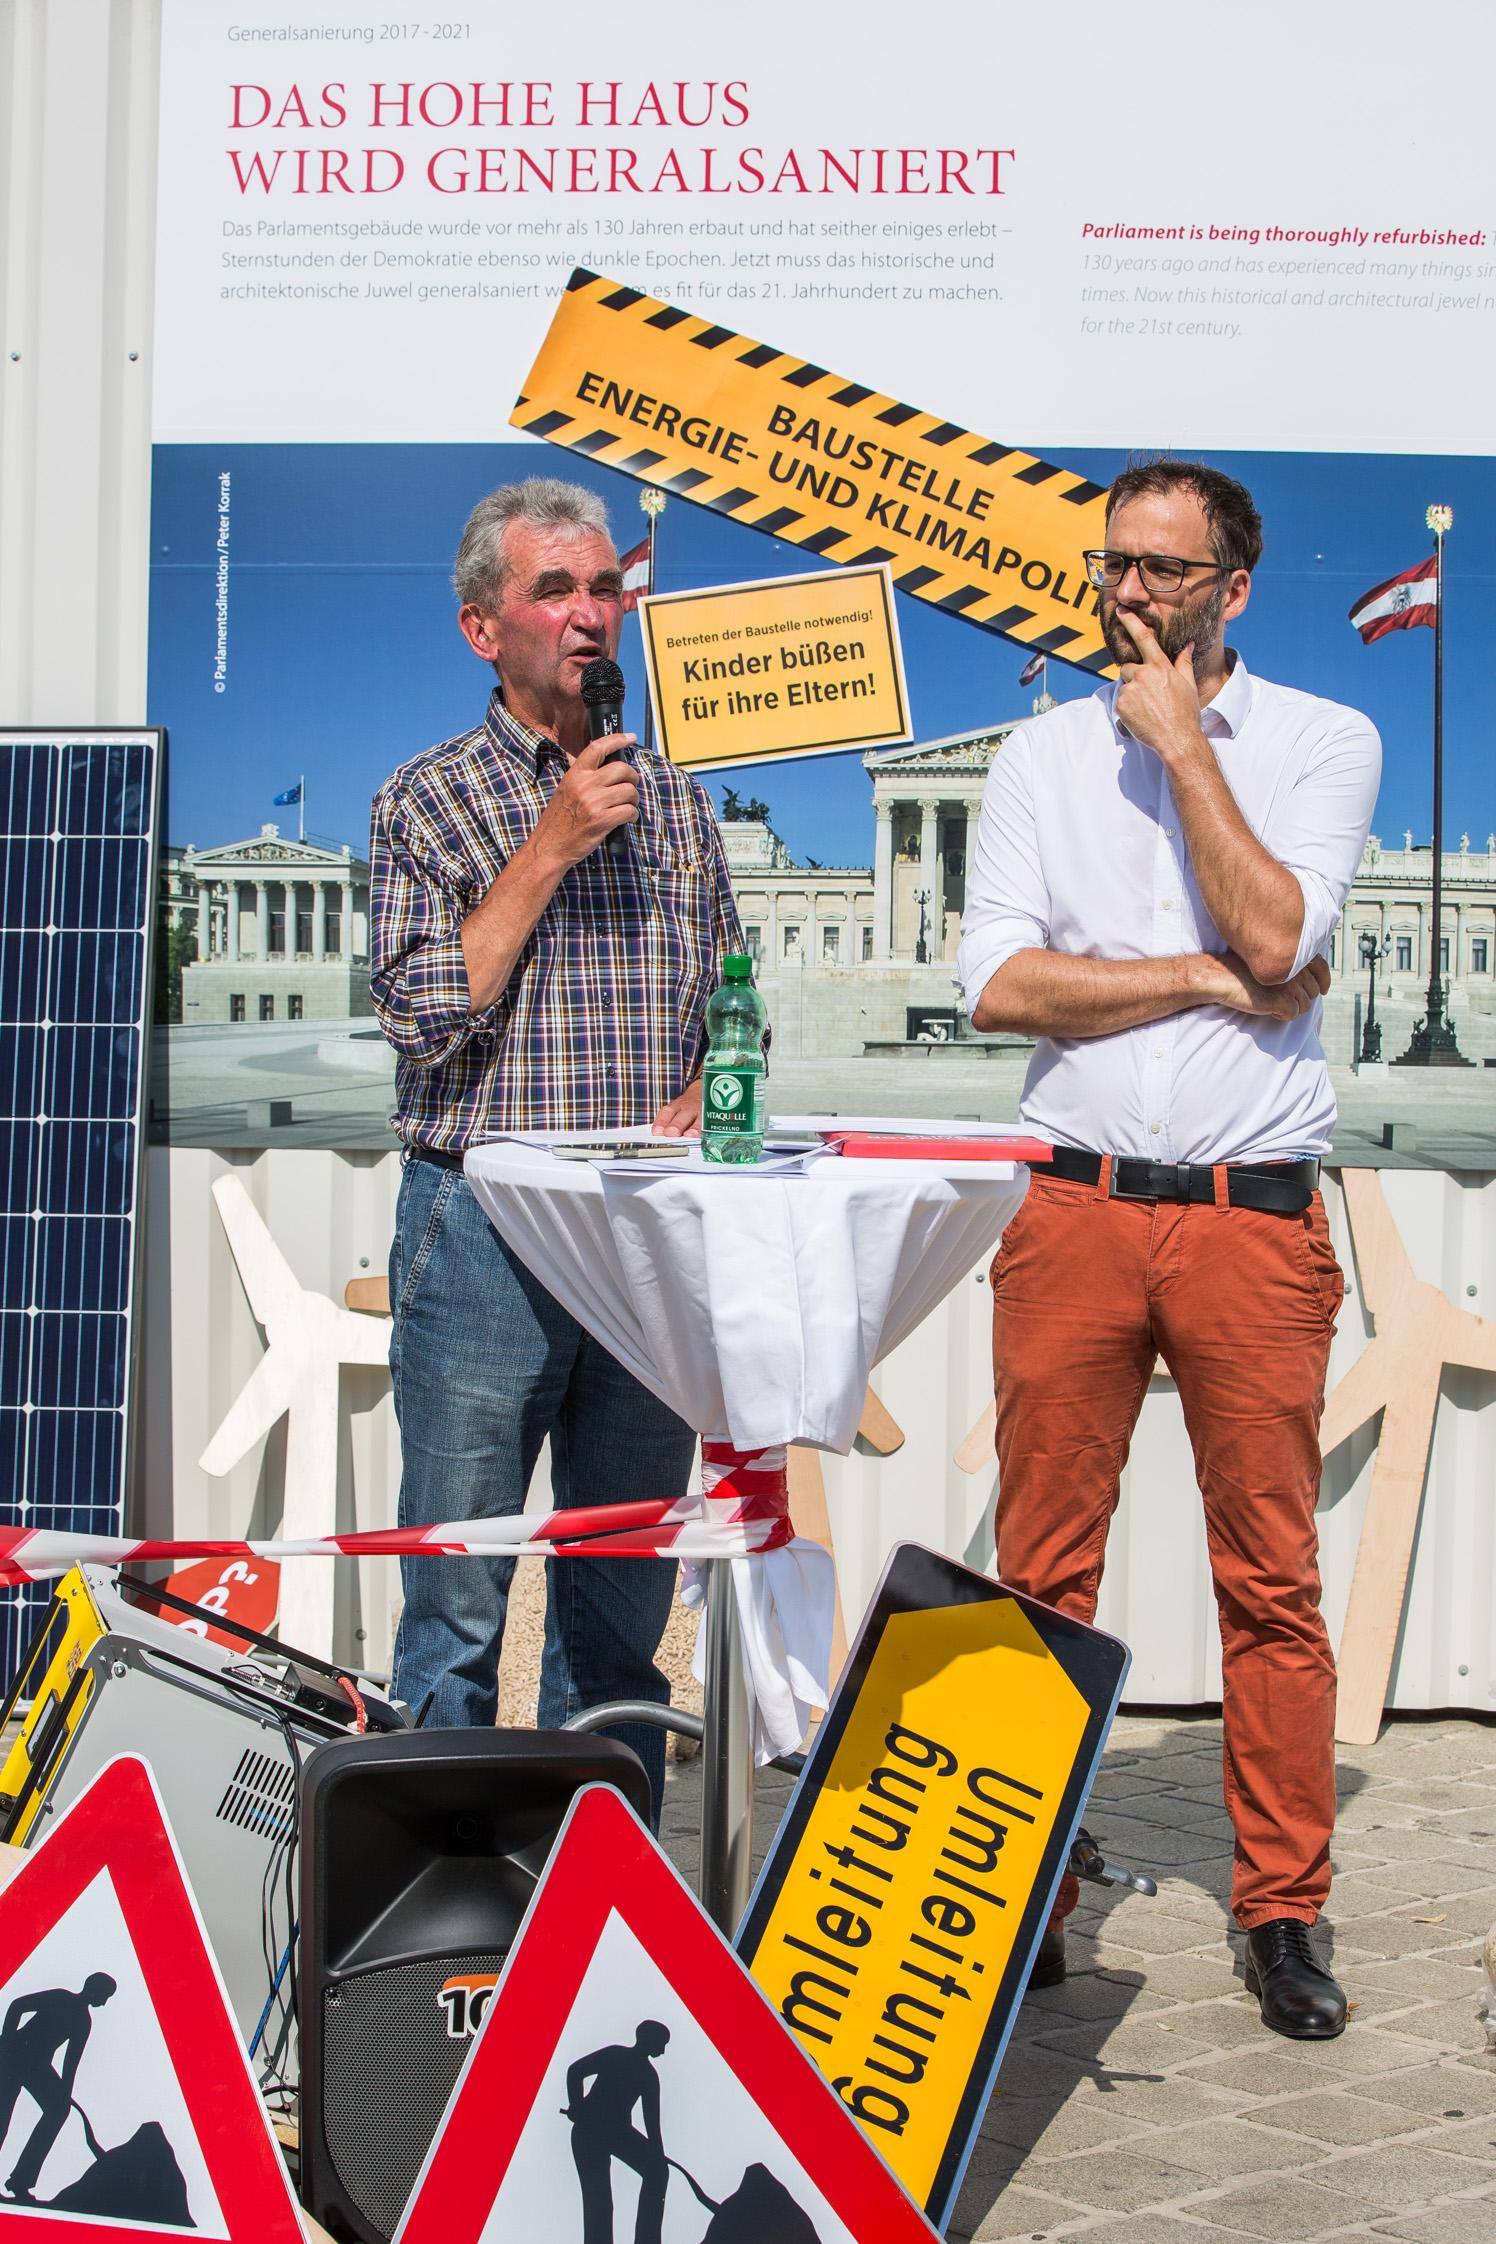 PK_Klimapolitik_012.jpg